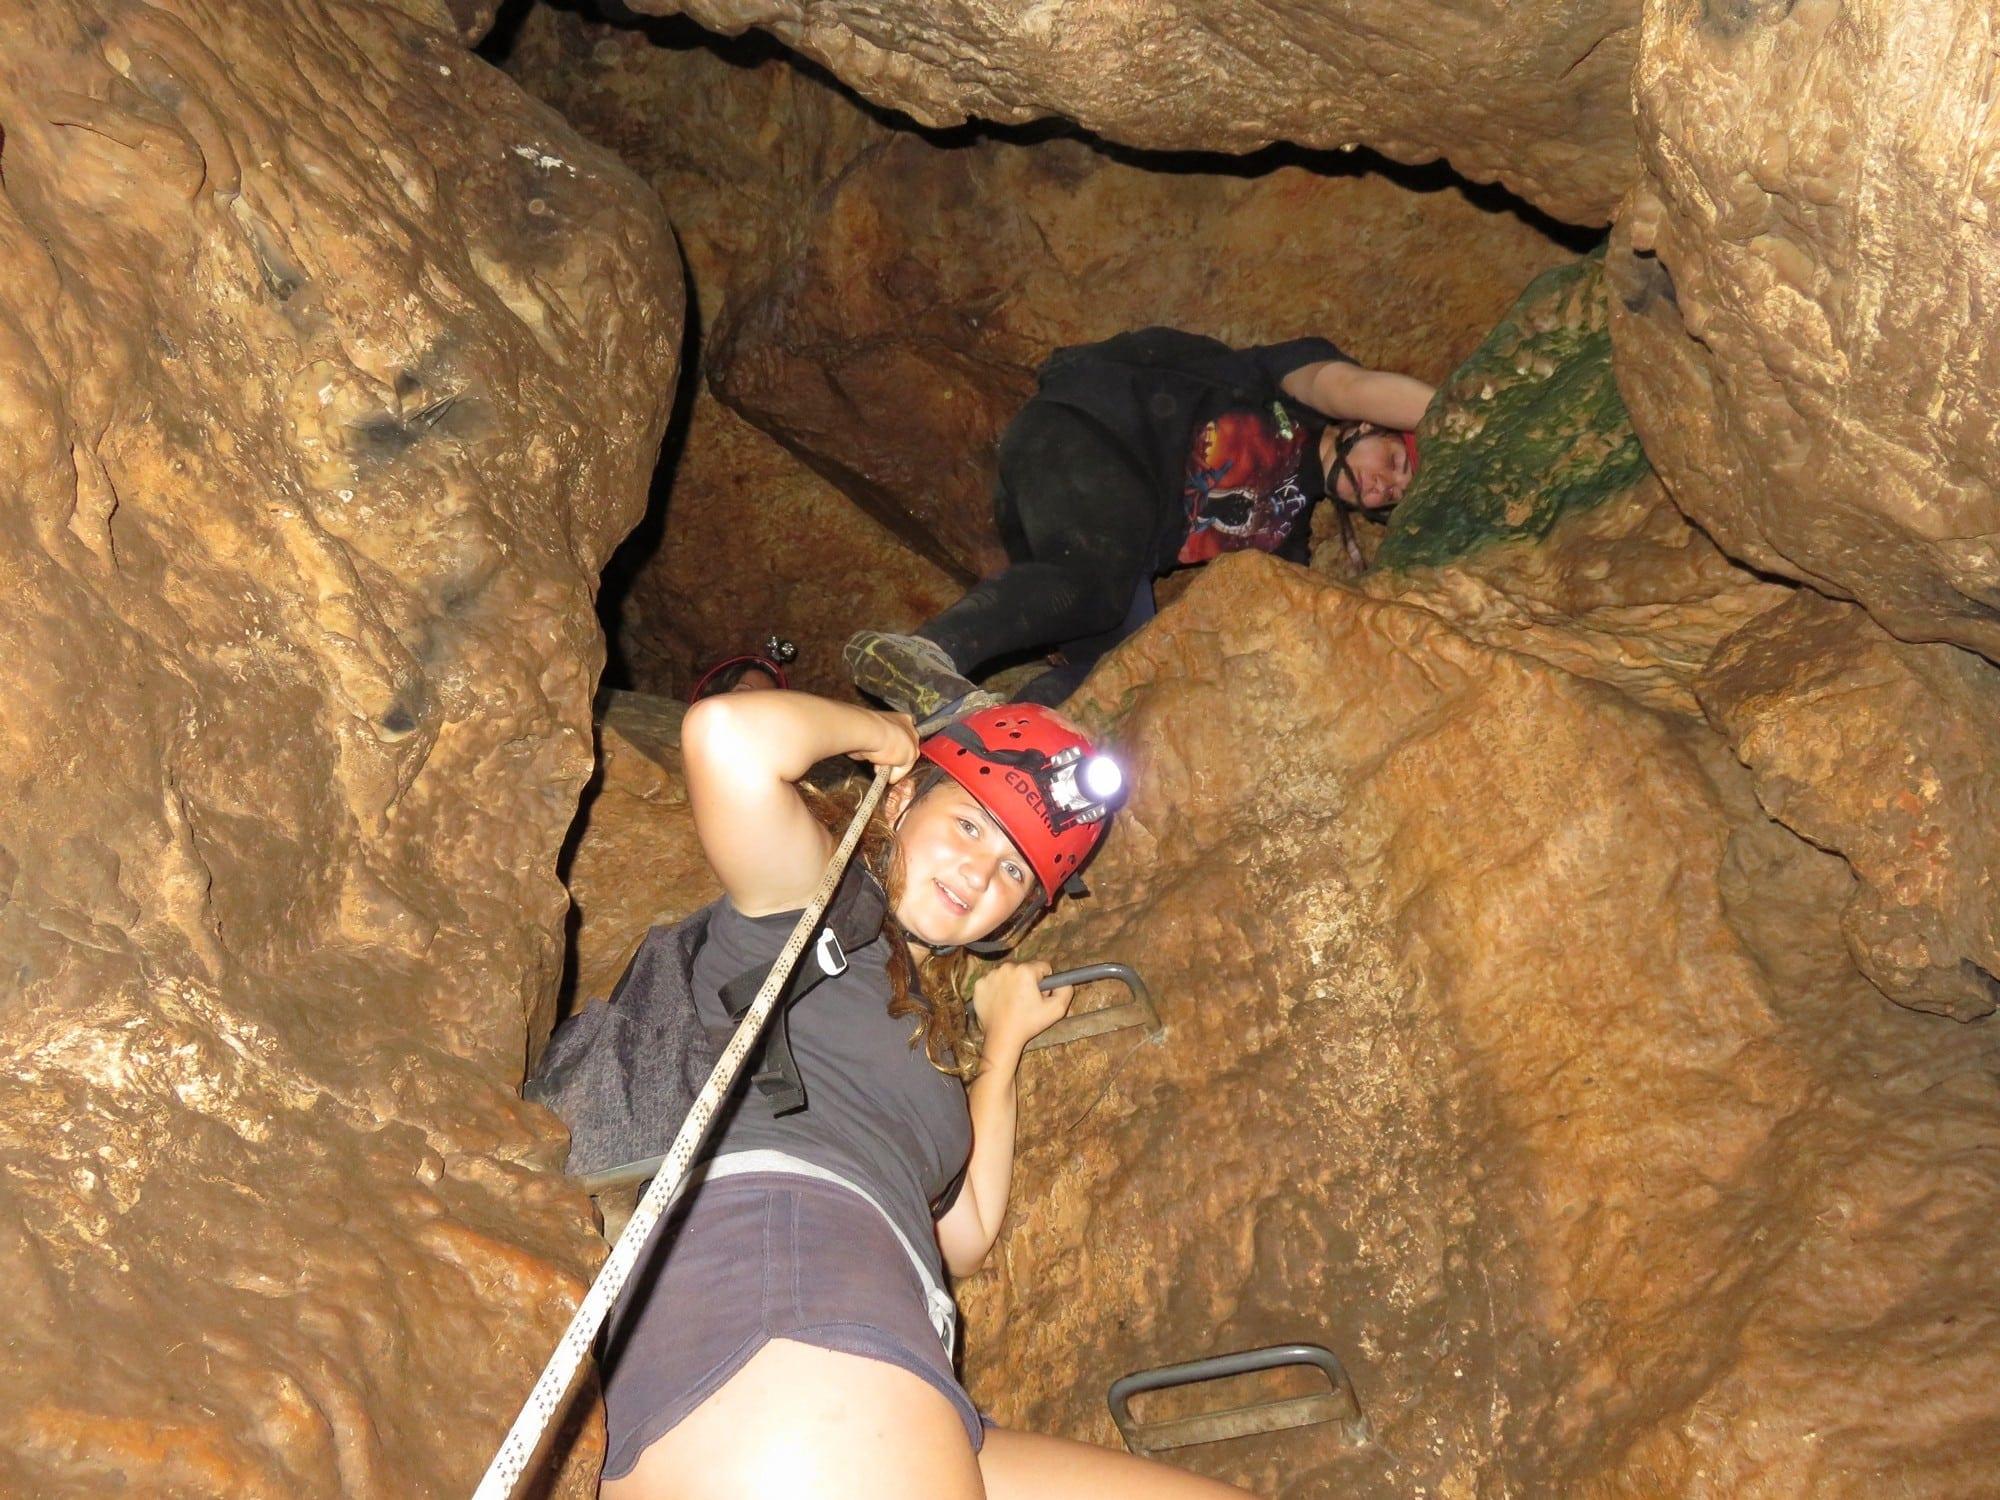 עלמה - המערה היא הארוכה שבמערות הגליל - ערוצים בטבע